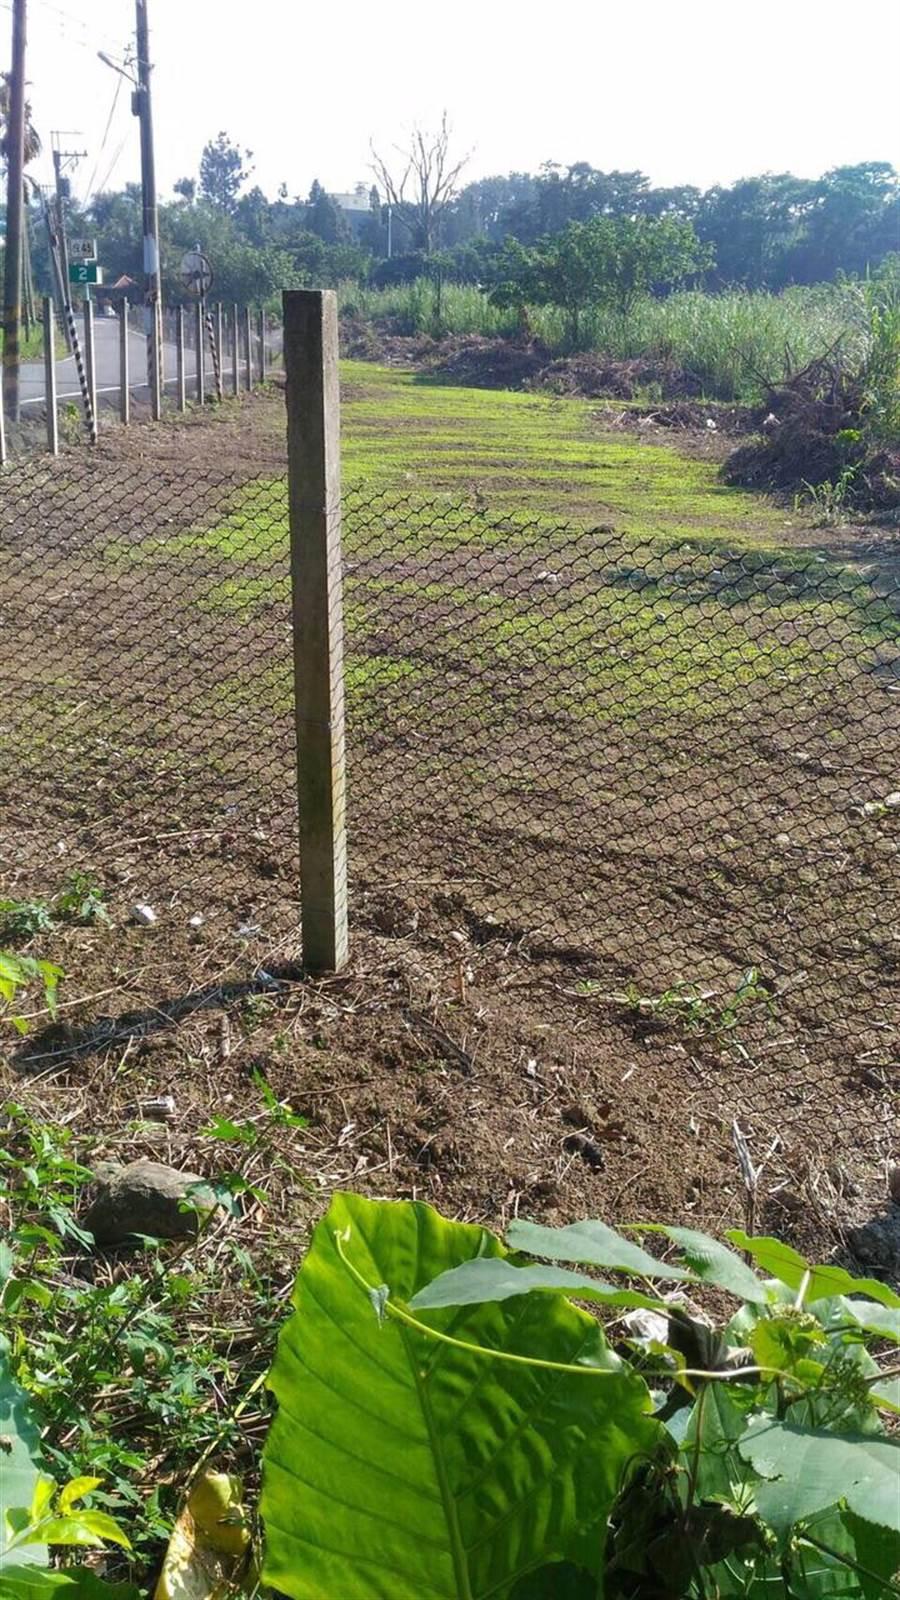 竹山汙水廠明年10月開工,土地閒置期縣議員爭區先種花美化。(沈揮勝翻攝)